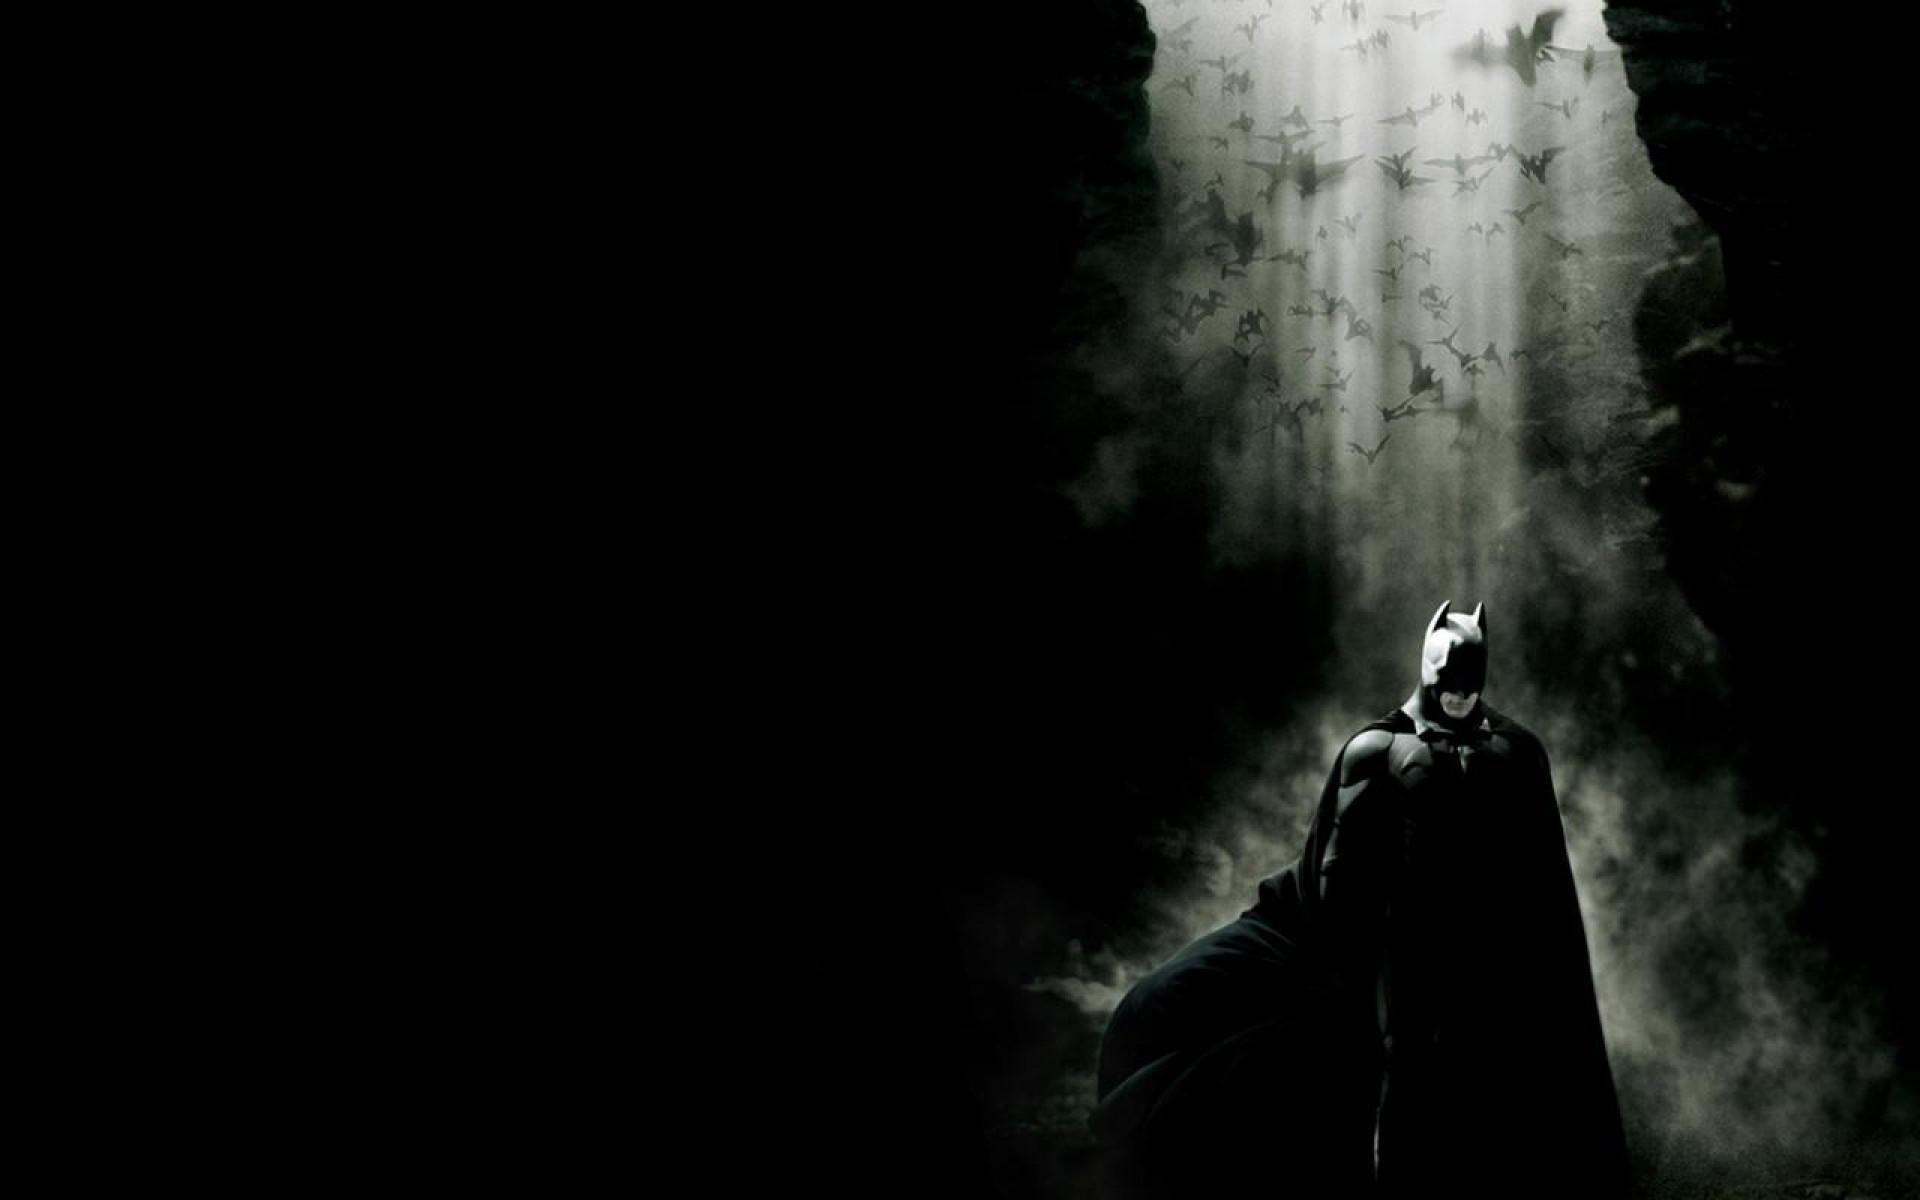 Description: Batman HD Wallpaper is a hi res Wallpaper for pc desktops .